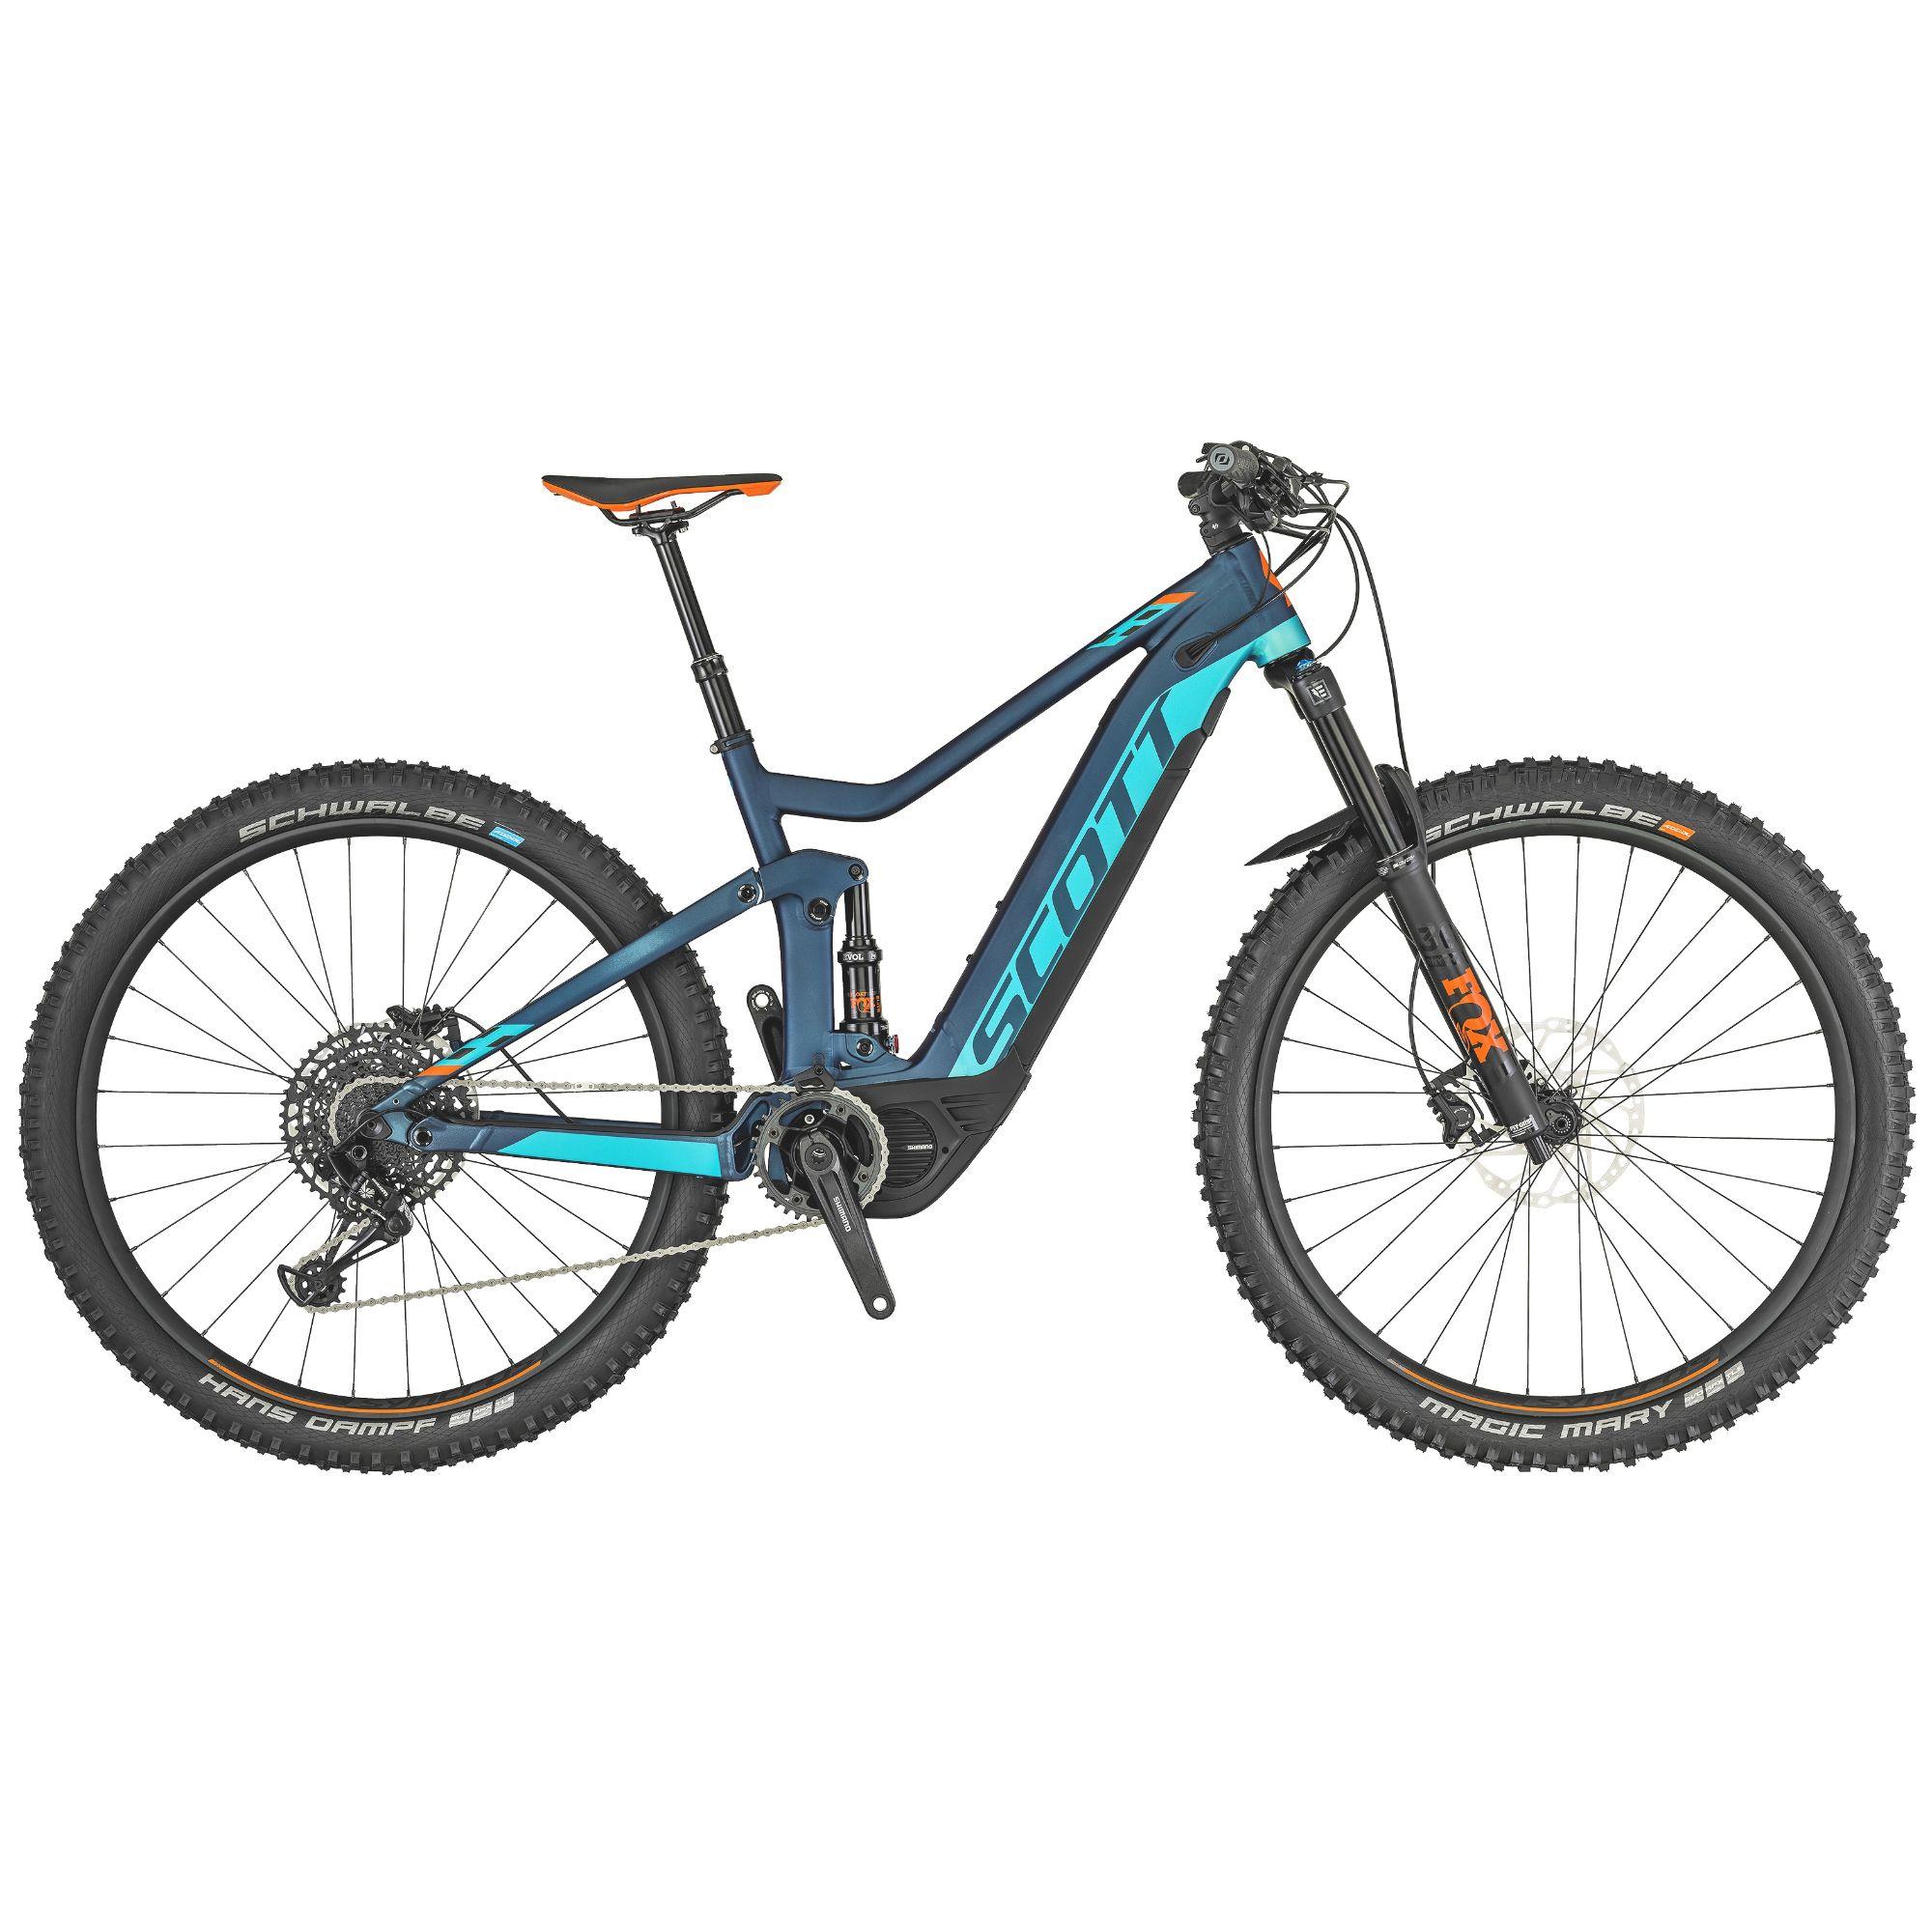 Scott Genius Eride 720 Mountain Electric Bike